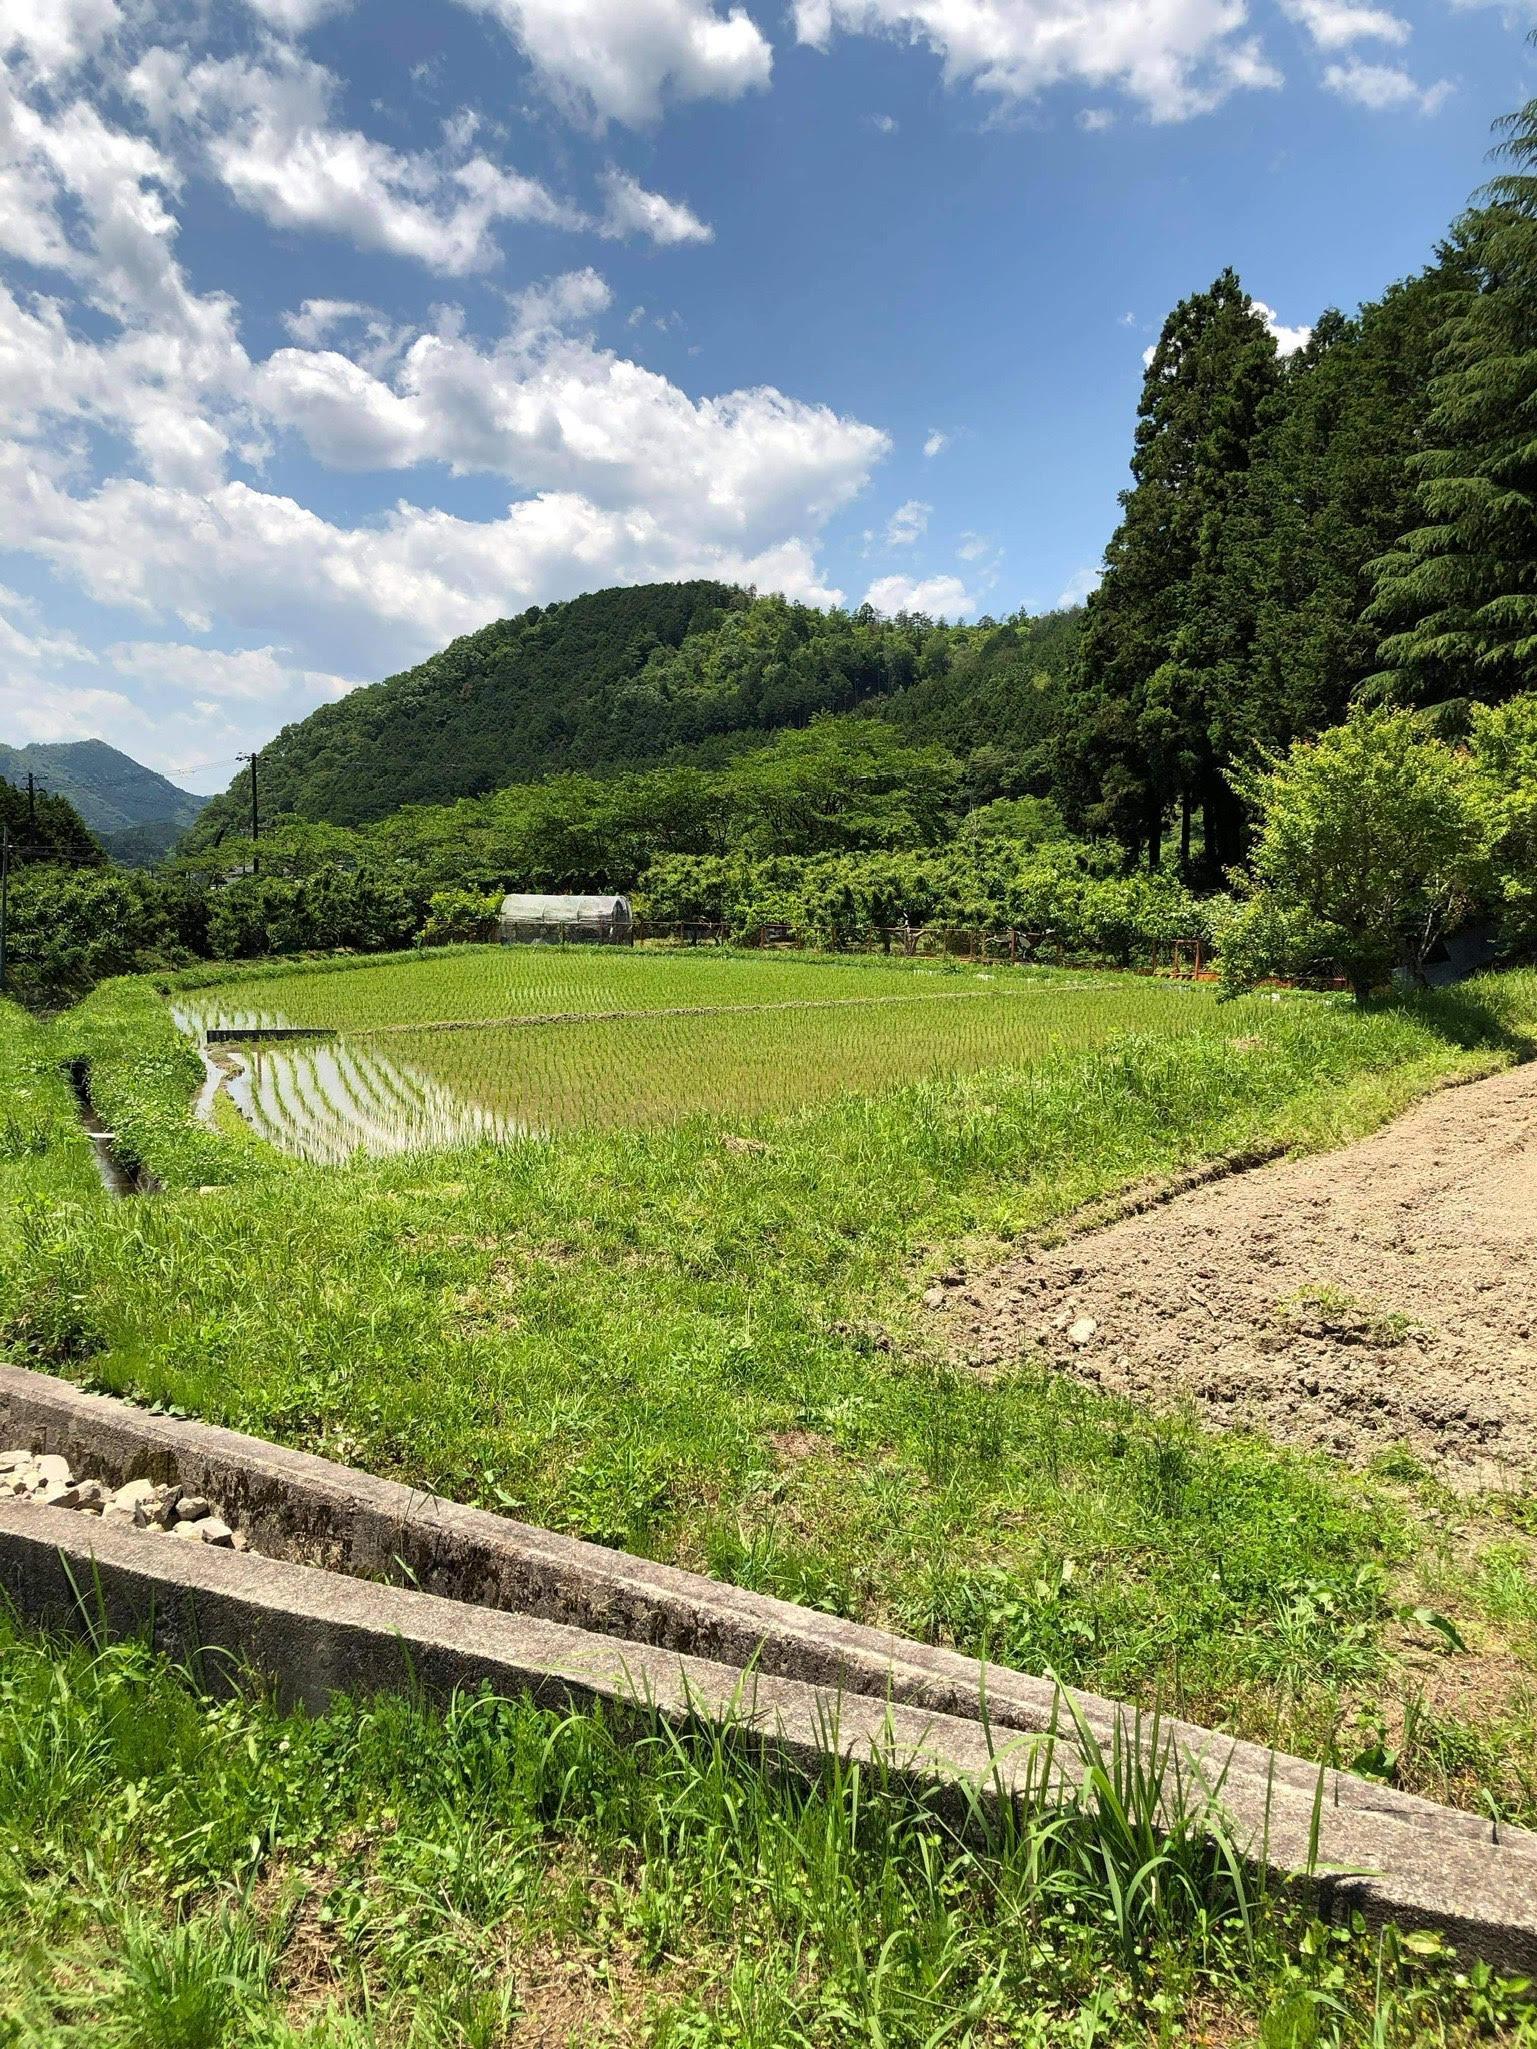 里山・田んぼ(農地)の風景を活かした宿泊施設の写真4